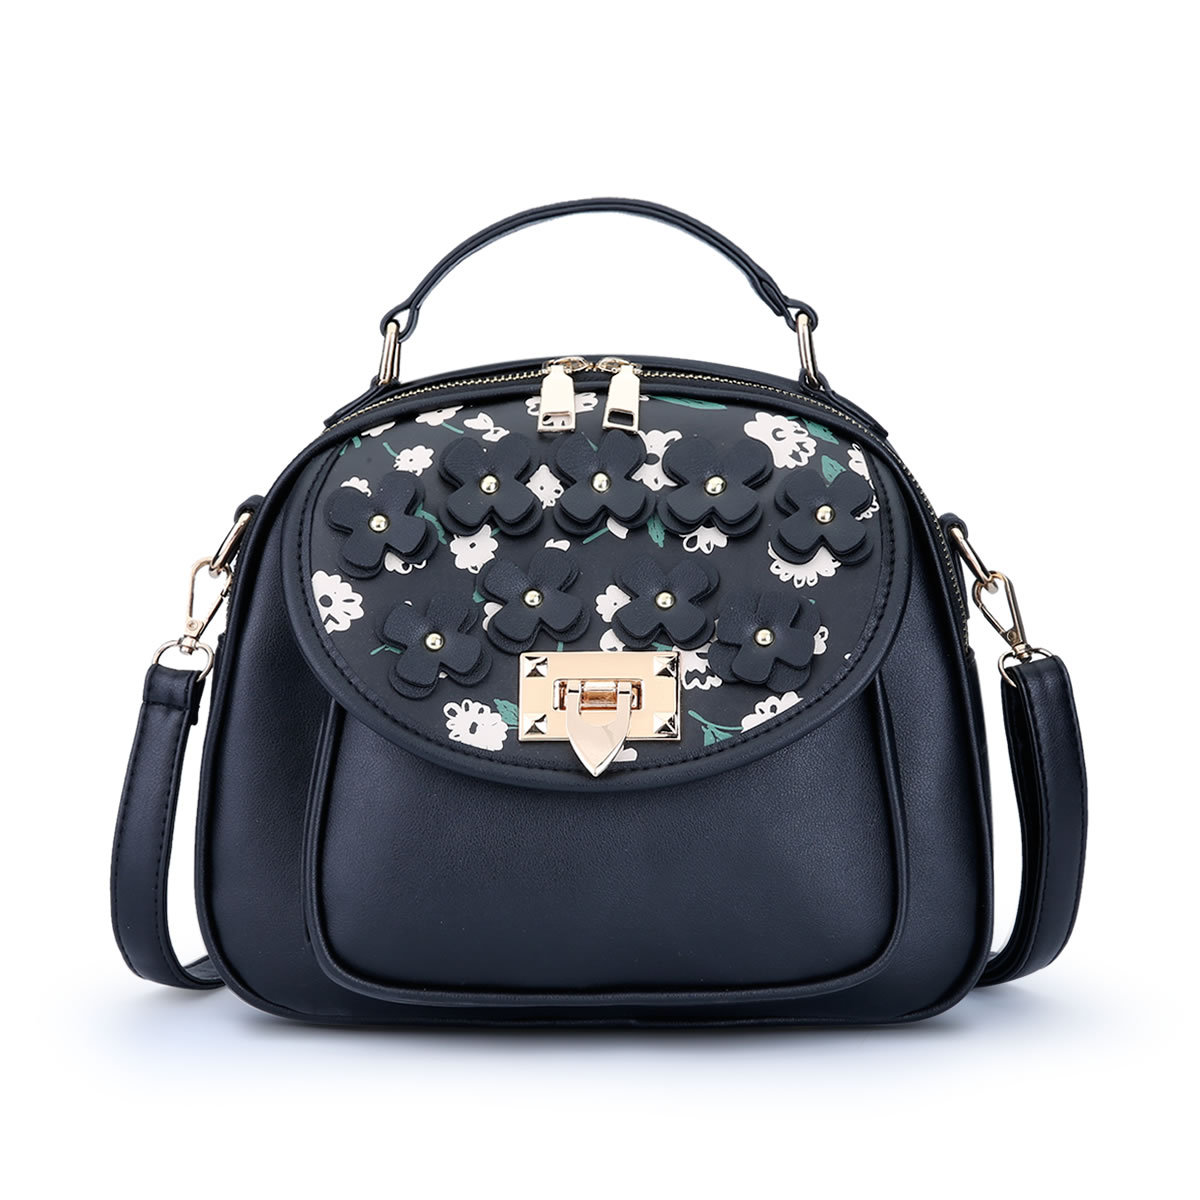 ขายส่ง กระเป๋าสะพายไหล่และกระเป๋าถือ เรียบง่าย แฟชั่นเกาหลี Sunny-915 สีดำ